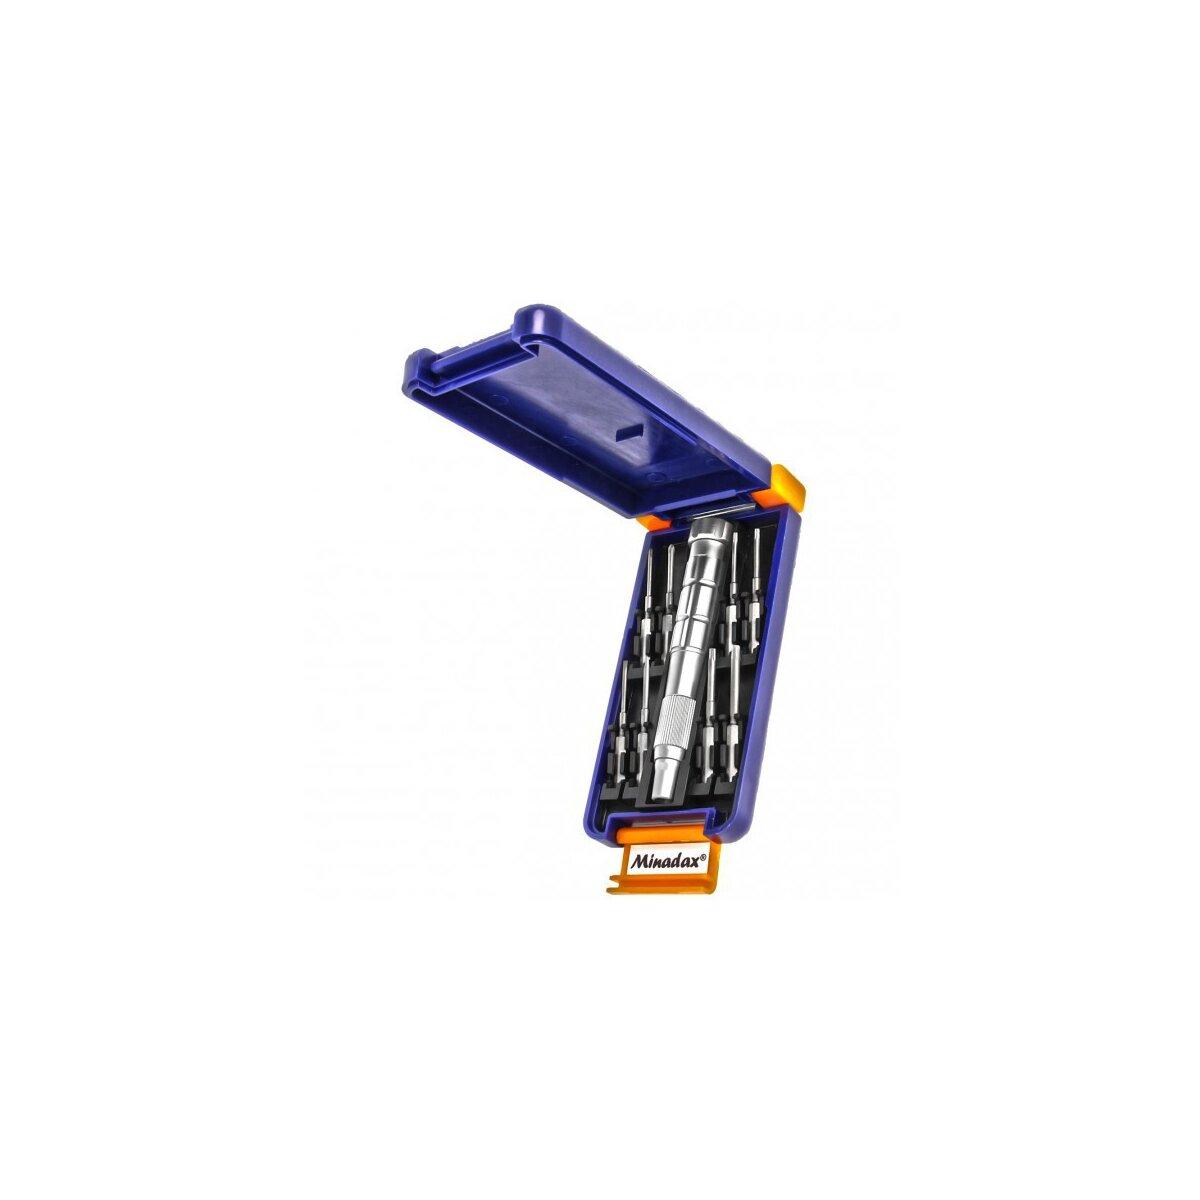 Hochwertiges Minadax® 9-Teiliges Werkzeugset aus stabilem Chrom-Vanadium fuer PC- und Laptop-Reparaturen - inklusive praktischer Aufbewahrungsbox